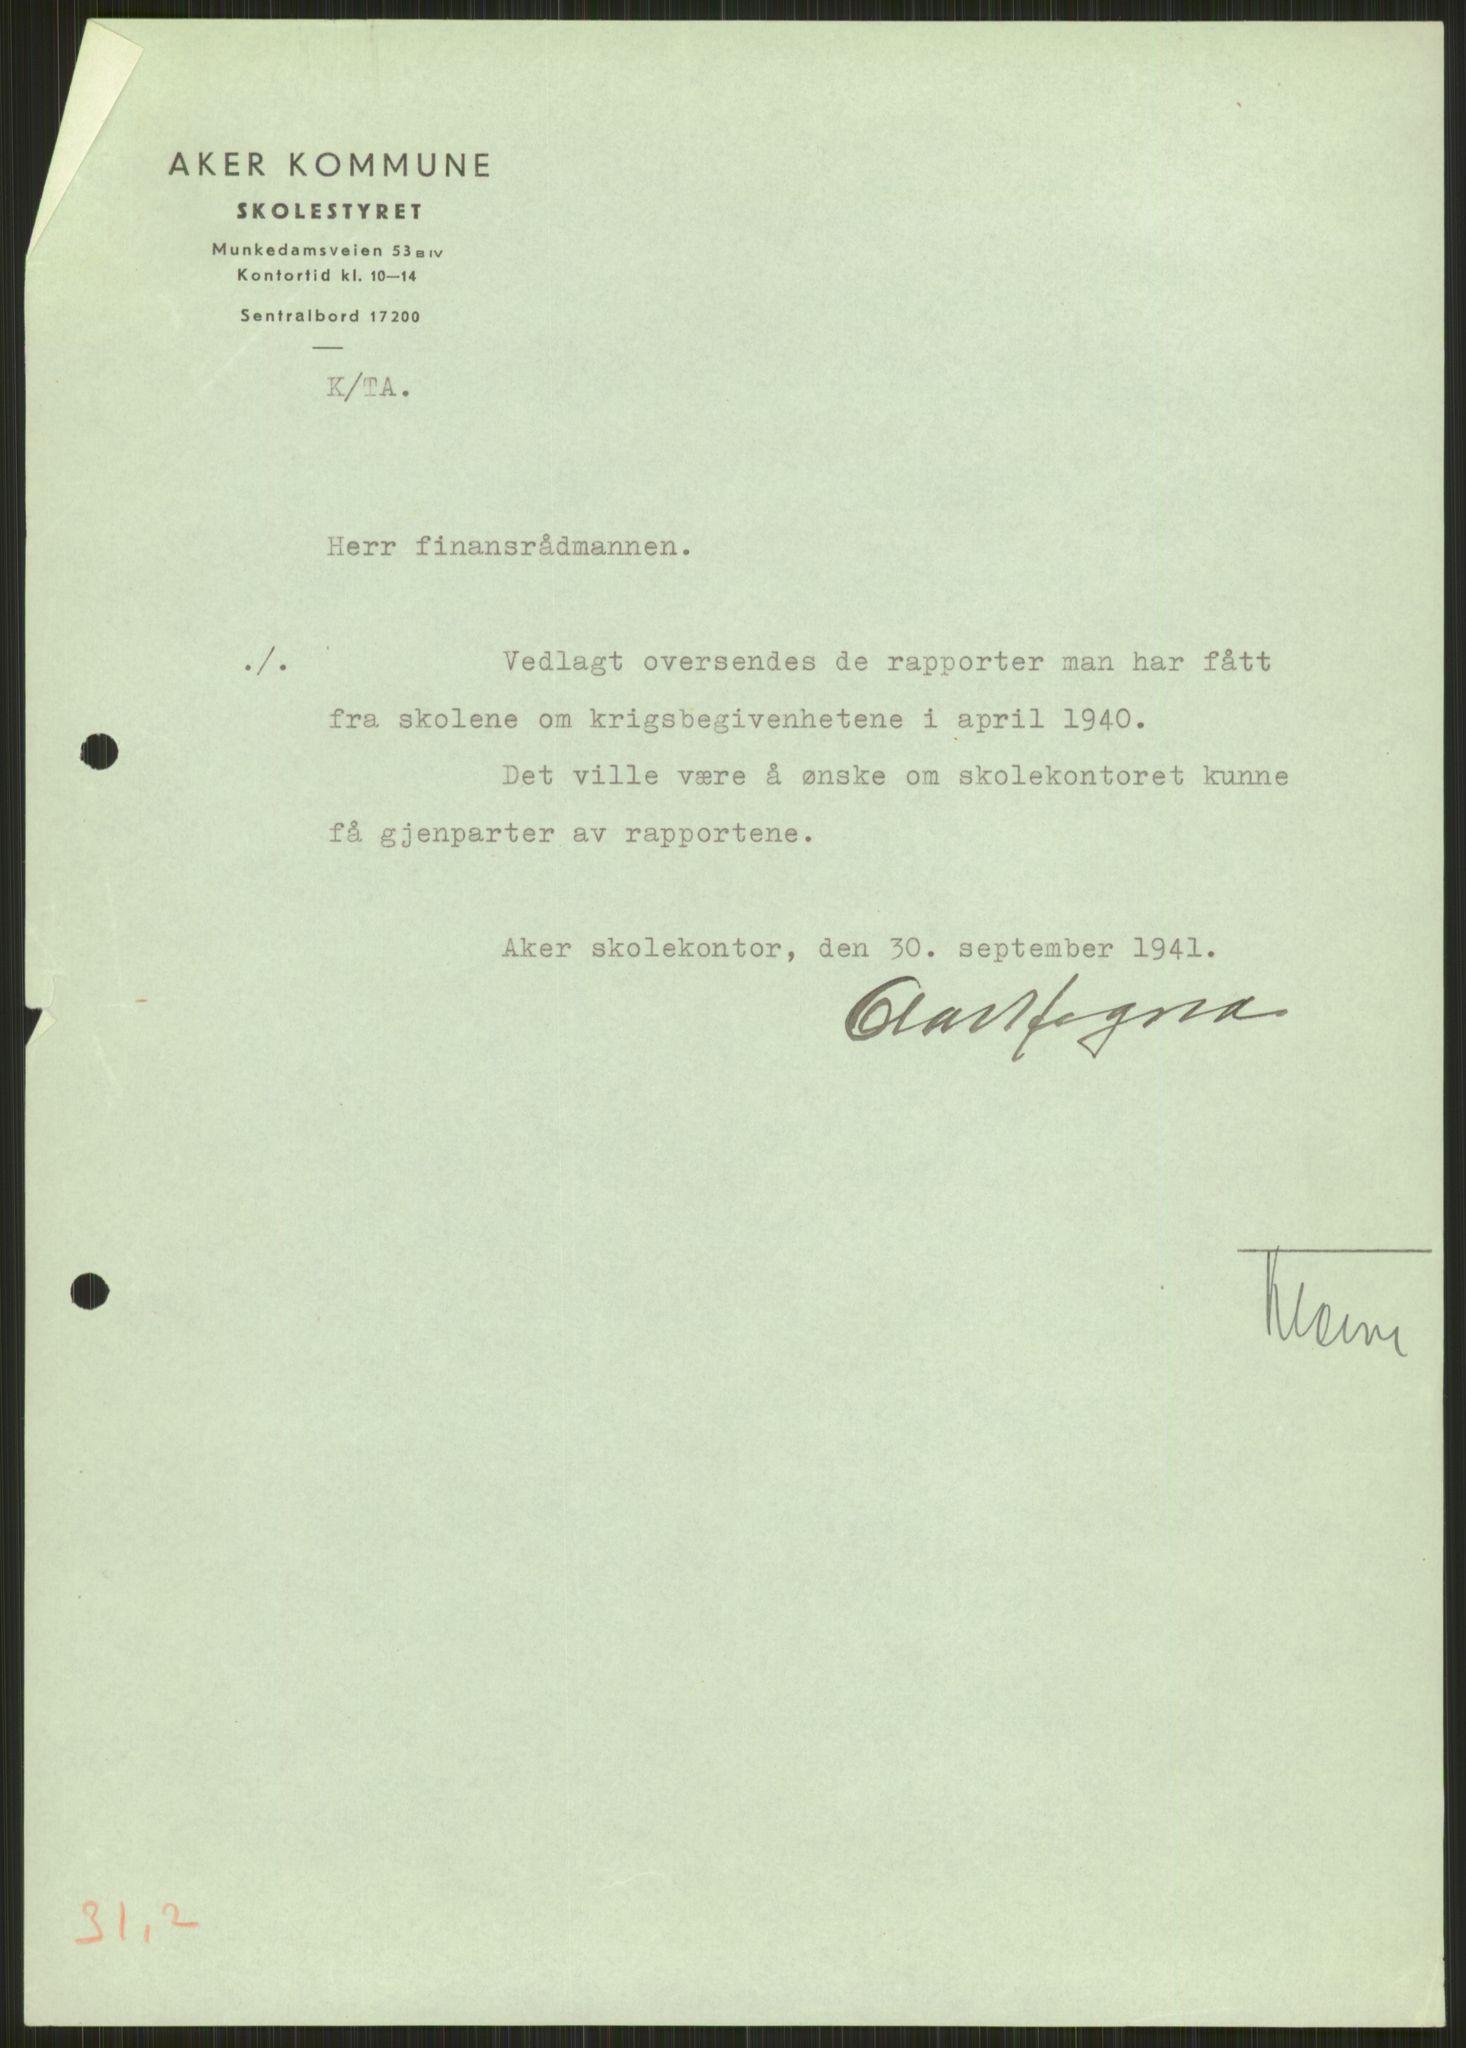 RA, Forsvaret, Forsvarets krigshistoriske avdeling, Y/Ya/L0013: II-C-11-31 - Fylkesmenn.  Rapporter om krigsbegivenhetene 1940., 1940, s. 223